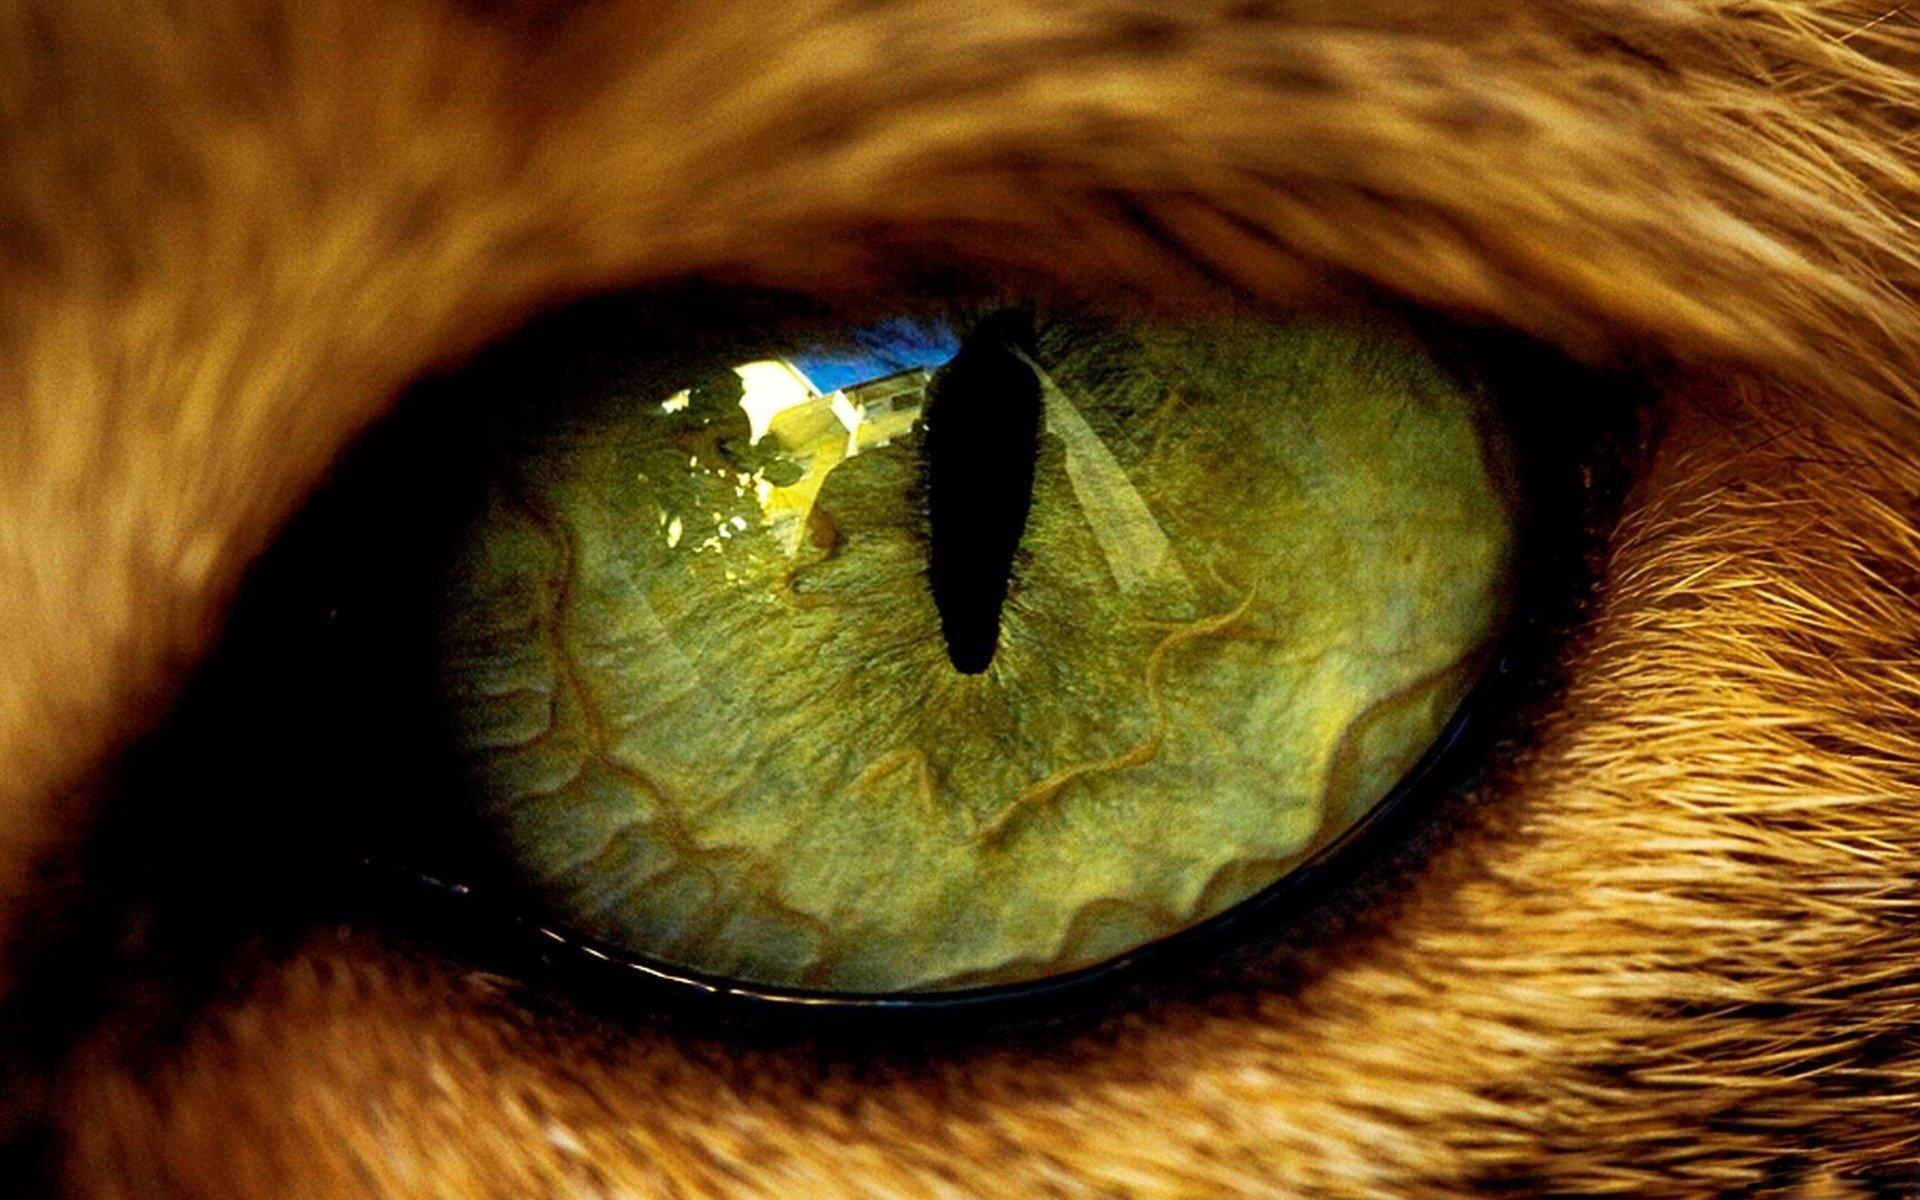 кошка глаза шерсть  № 1963588 загрузить